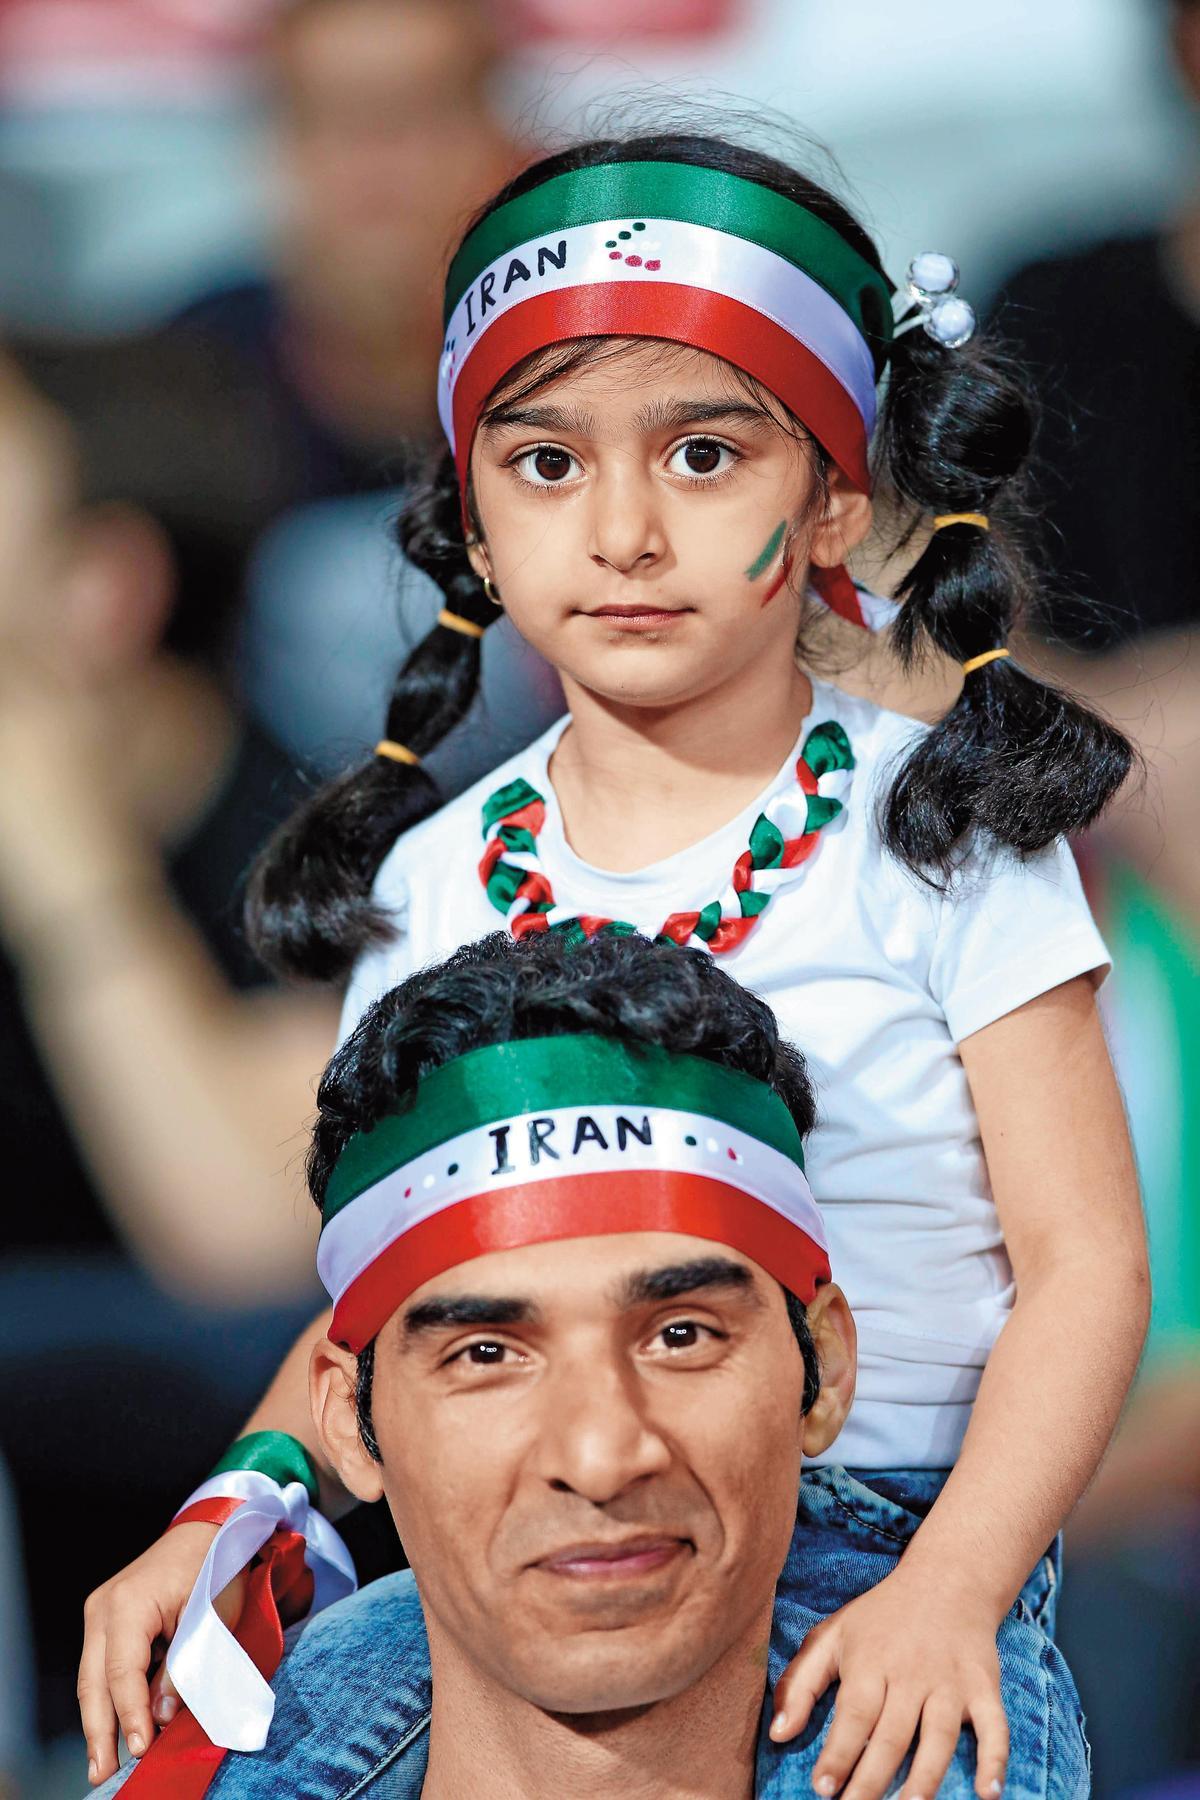 世界盃足球賽是全球最受歡迎體育盛會,熱度更勝也是四年一度的奧運賽事。圖為伊朗父女為自家球隊變裝應援。(東方IC)